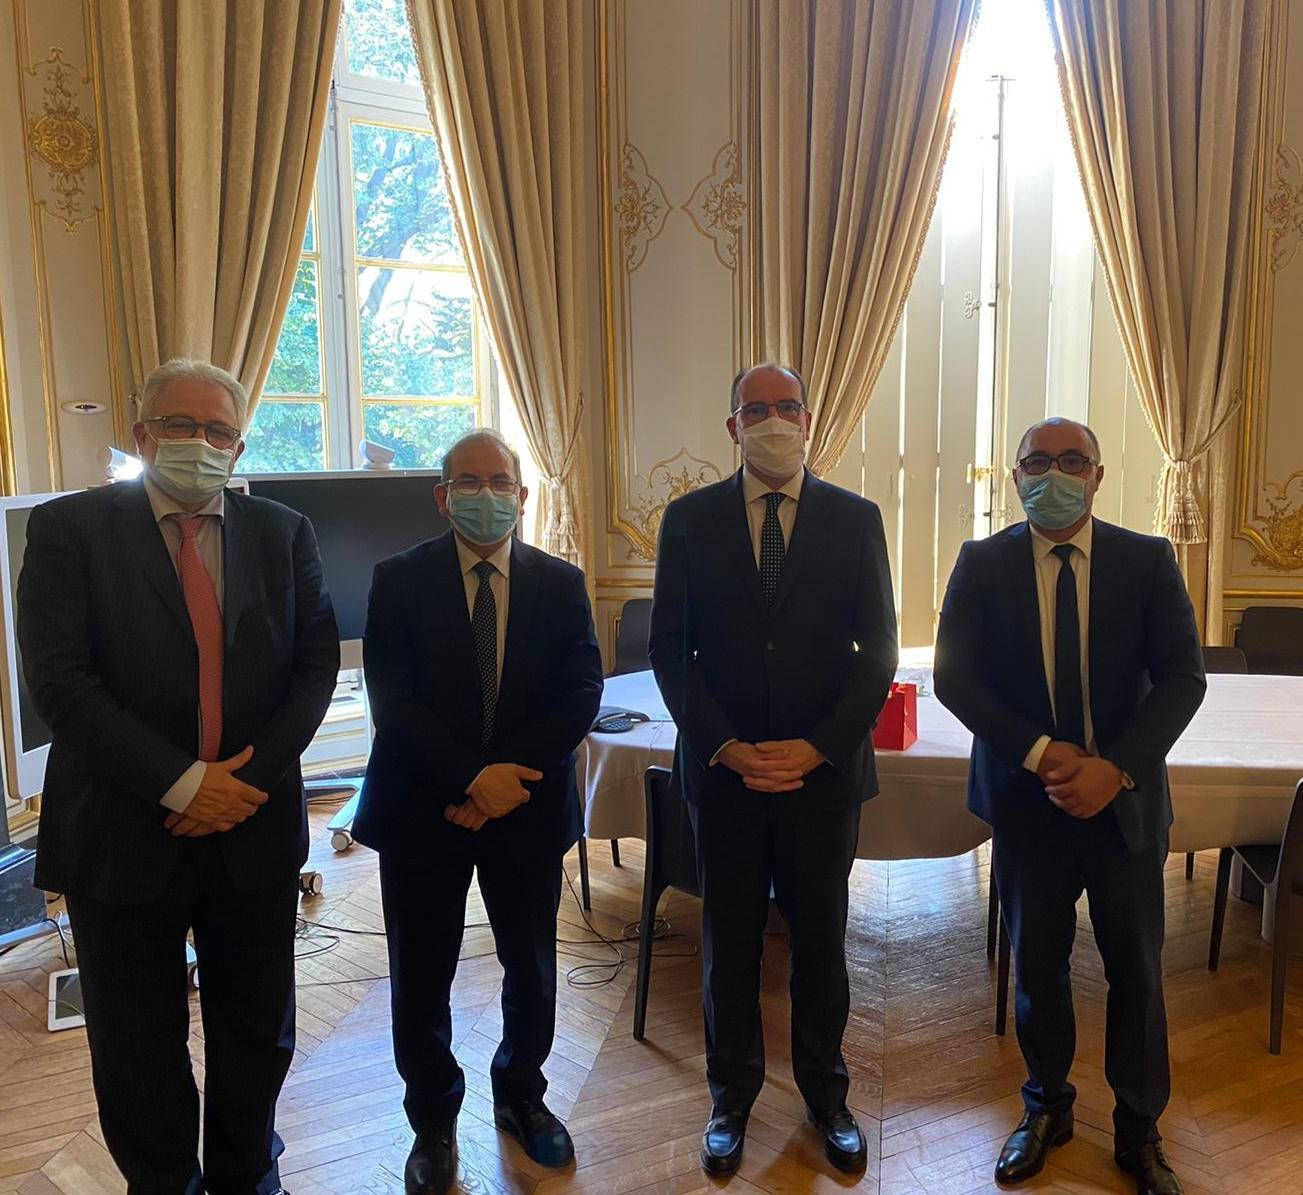 Une délégation du CFCM rencontre M. le Premier Ministre Jean Castex